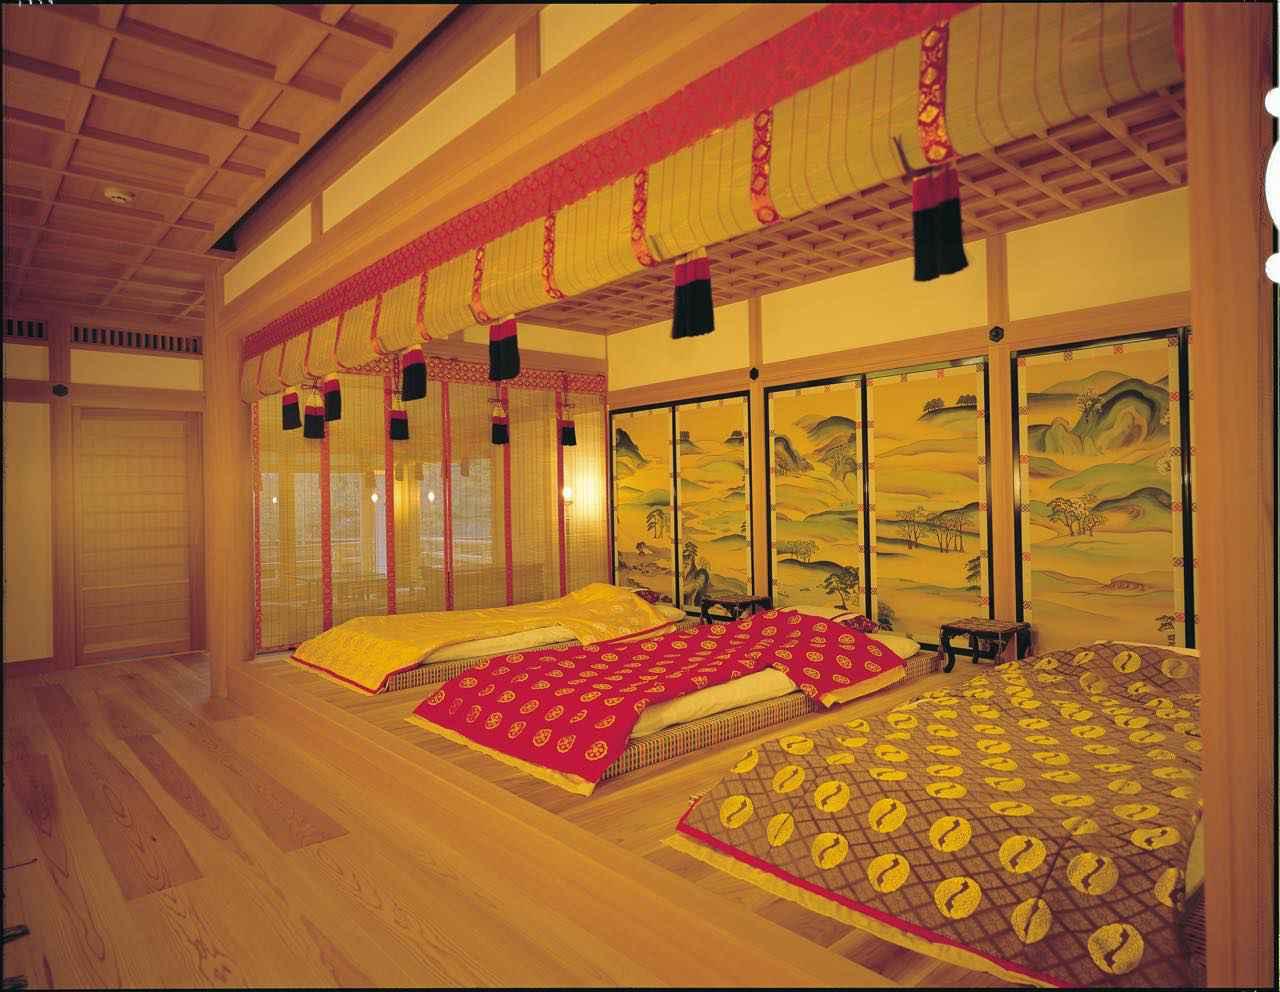 画像1: 【平安時代】平安装束を身にまとい、王朝貴族気分の滞在を堪能できる「社乃森」